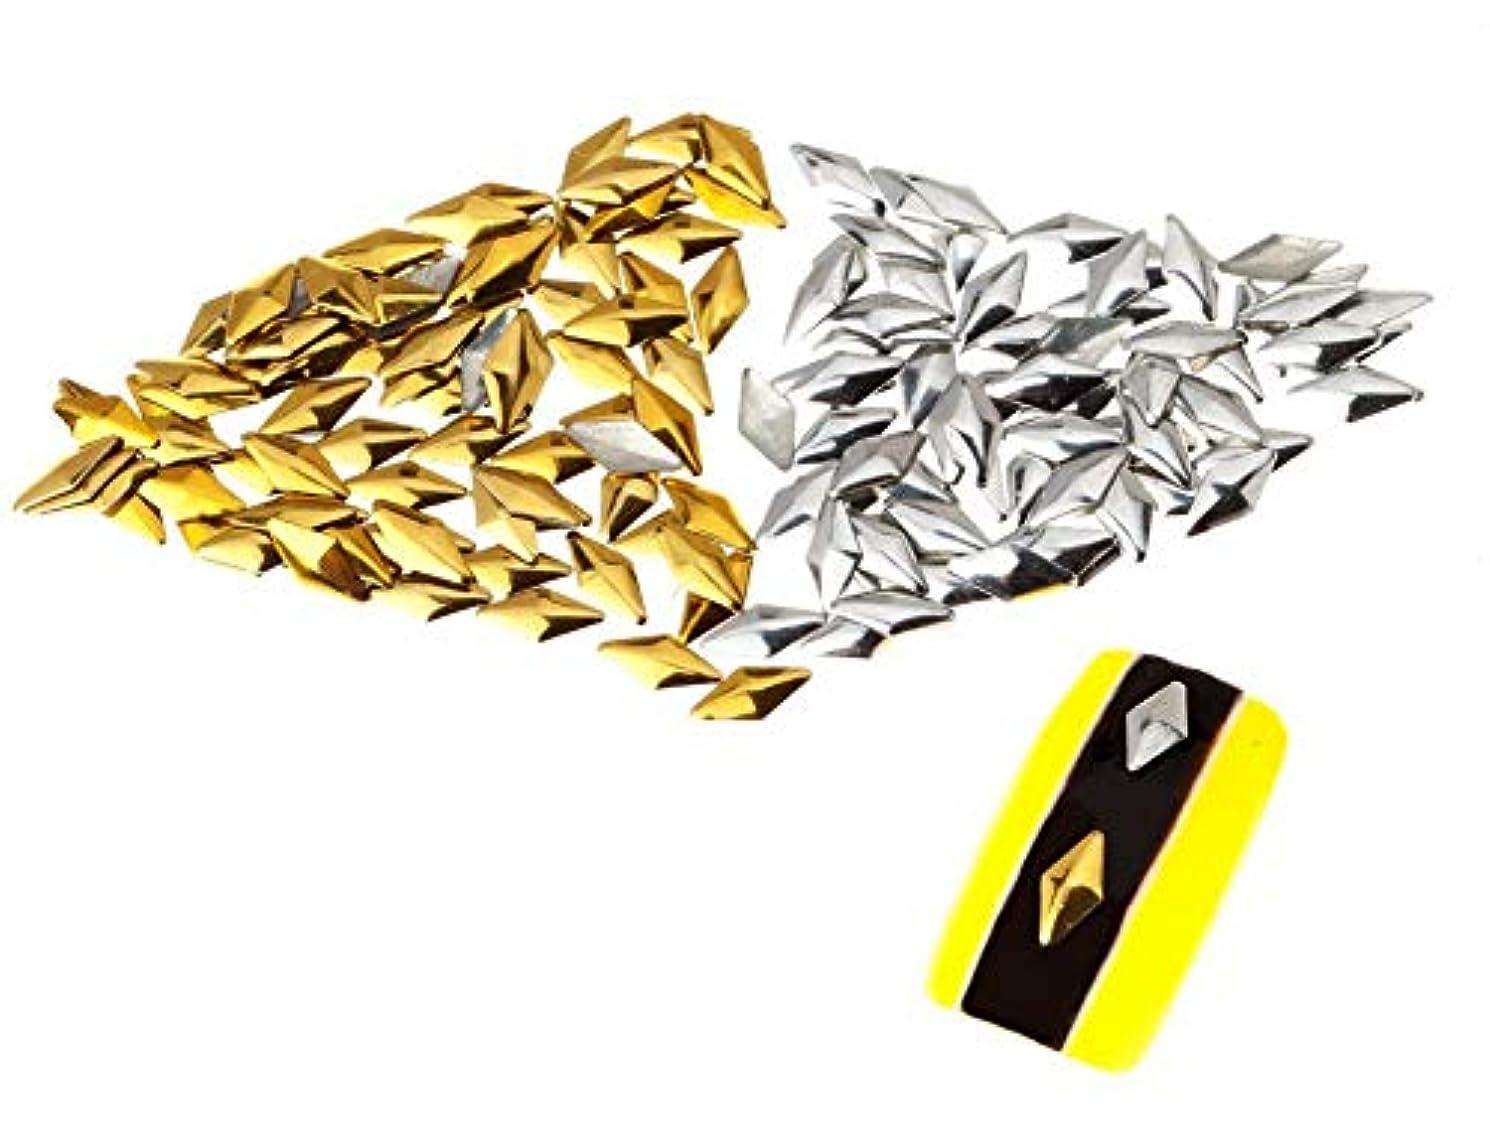 政策もつれ寄付250個の3mmシルバーおよびゴールドダイヤモンド型メタルスタッドマニキュアネイルアートデコレーションのプレミアムセット